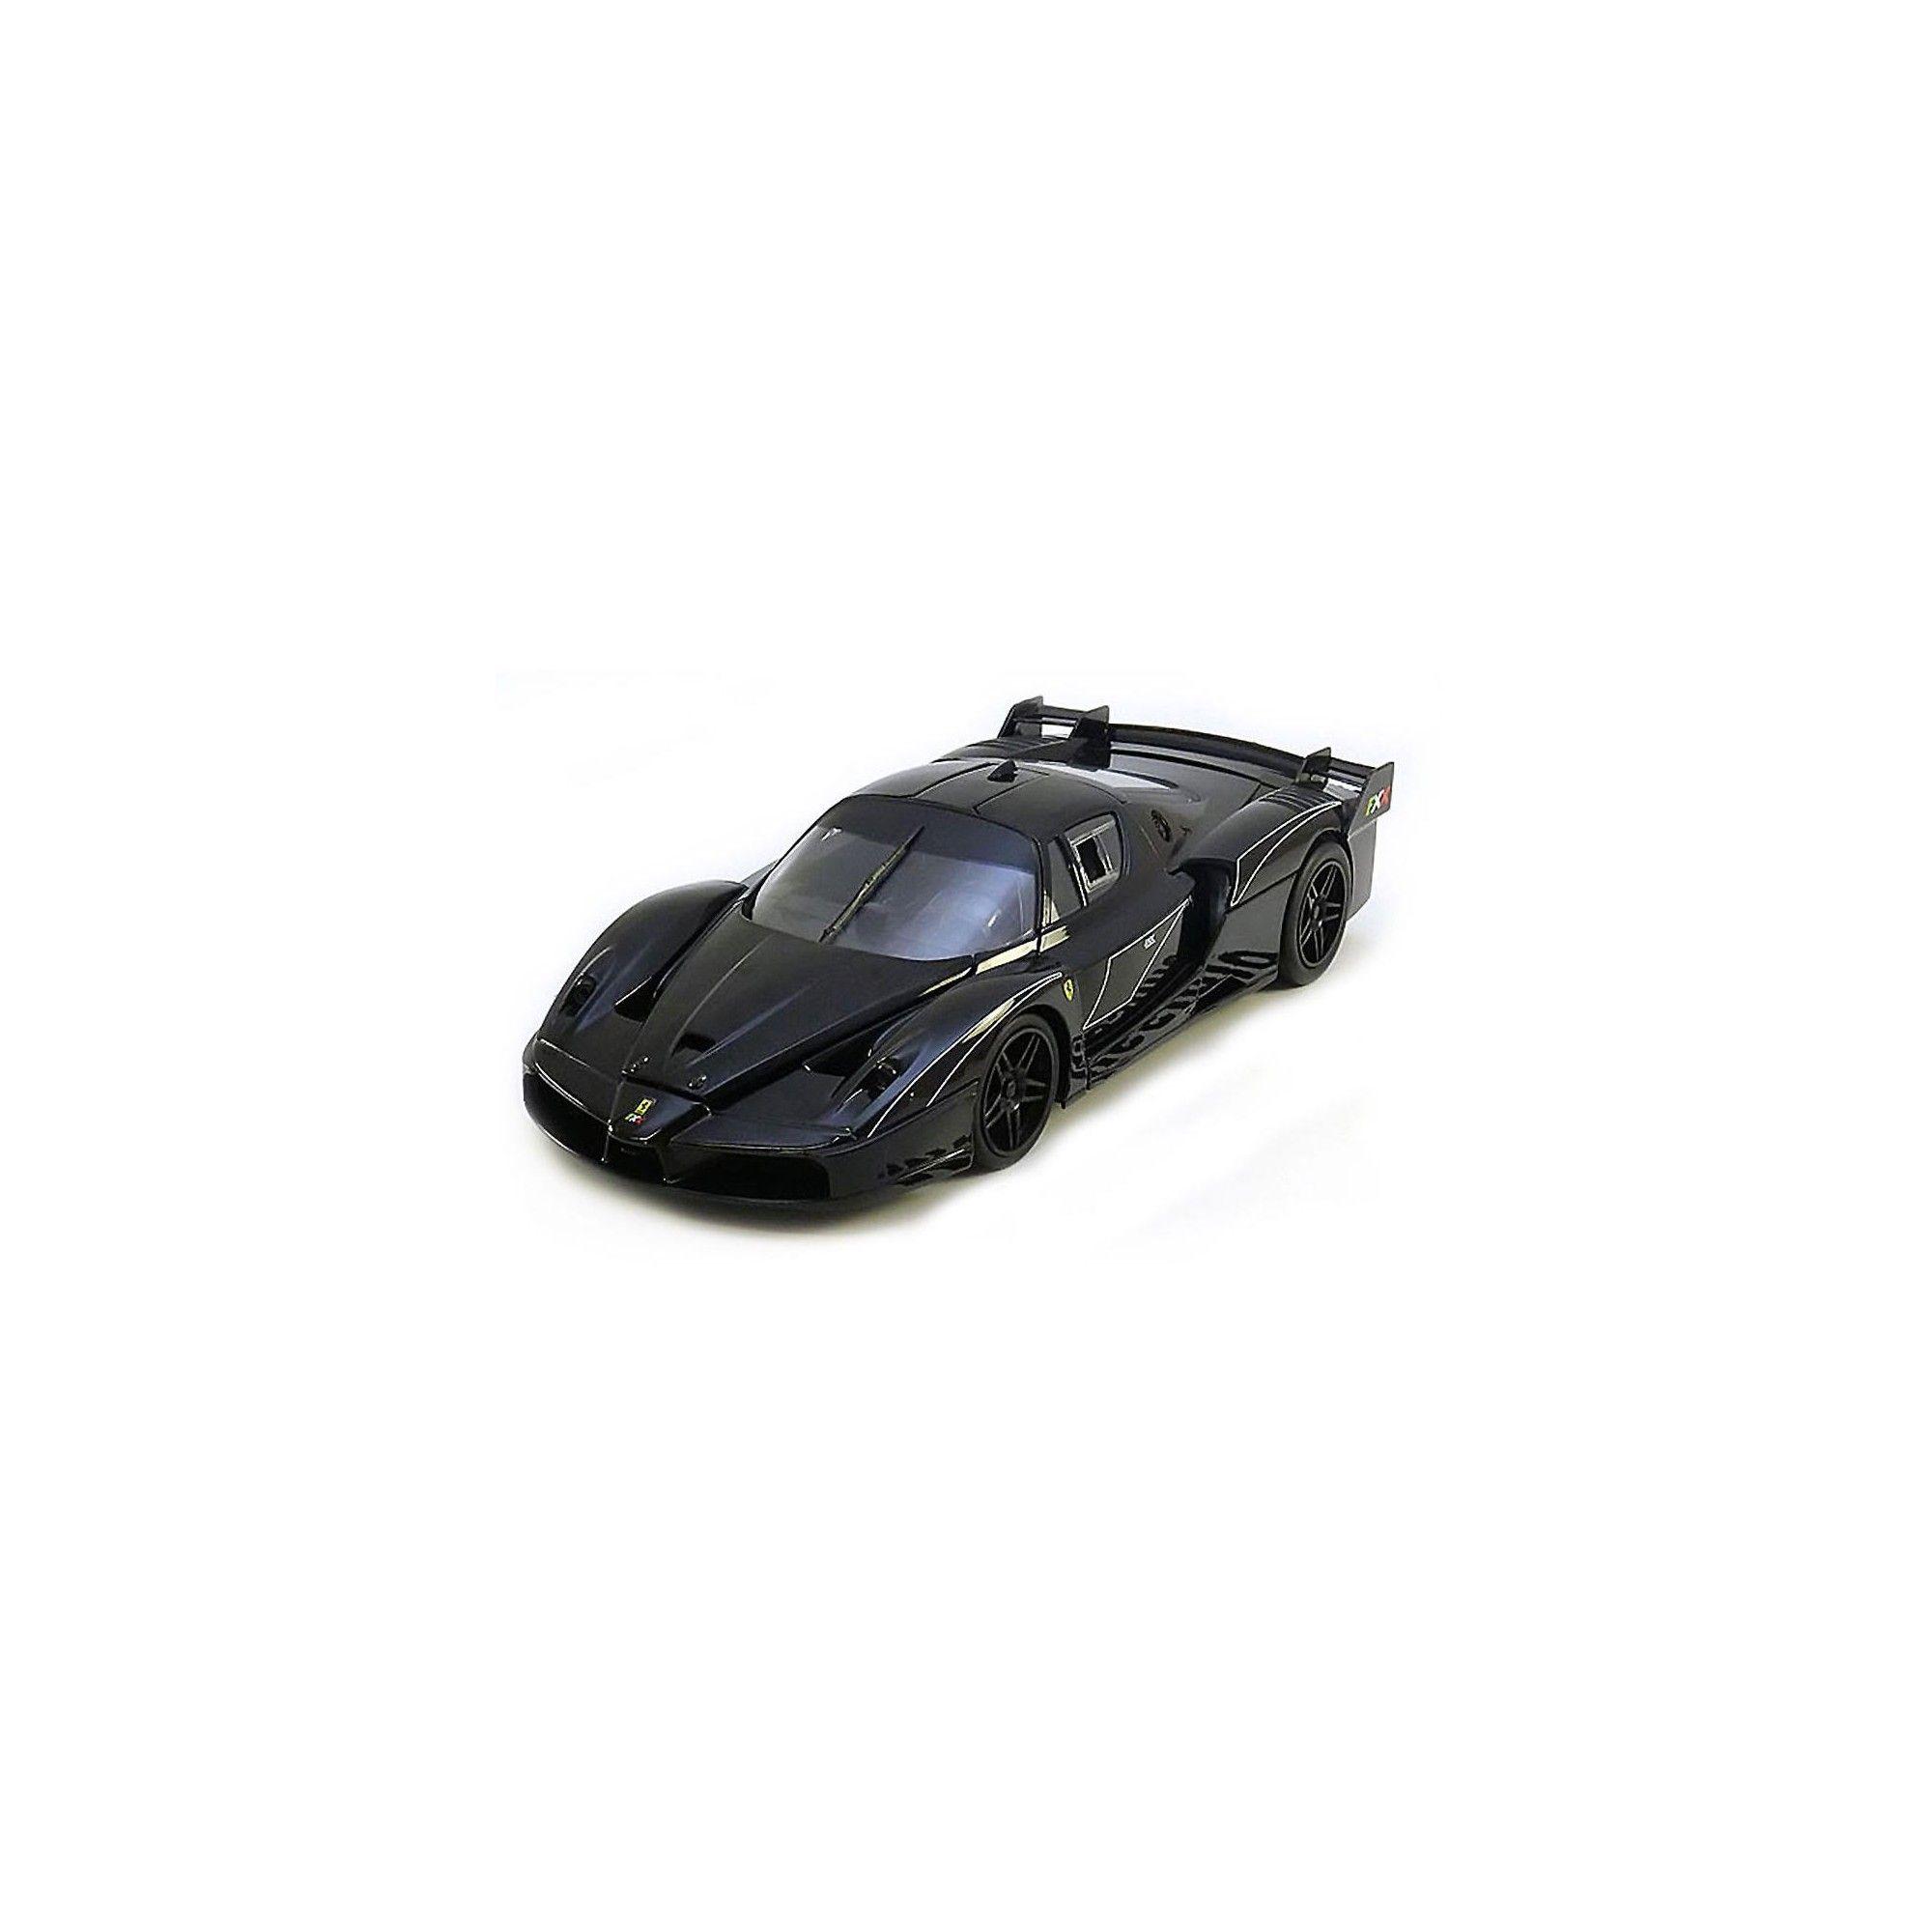 Ferrari FXX Evoluzione Black 1/18 Diecast Model Car by Hotwheels #ferrarifxx